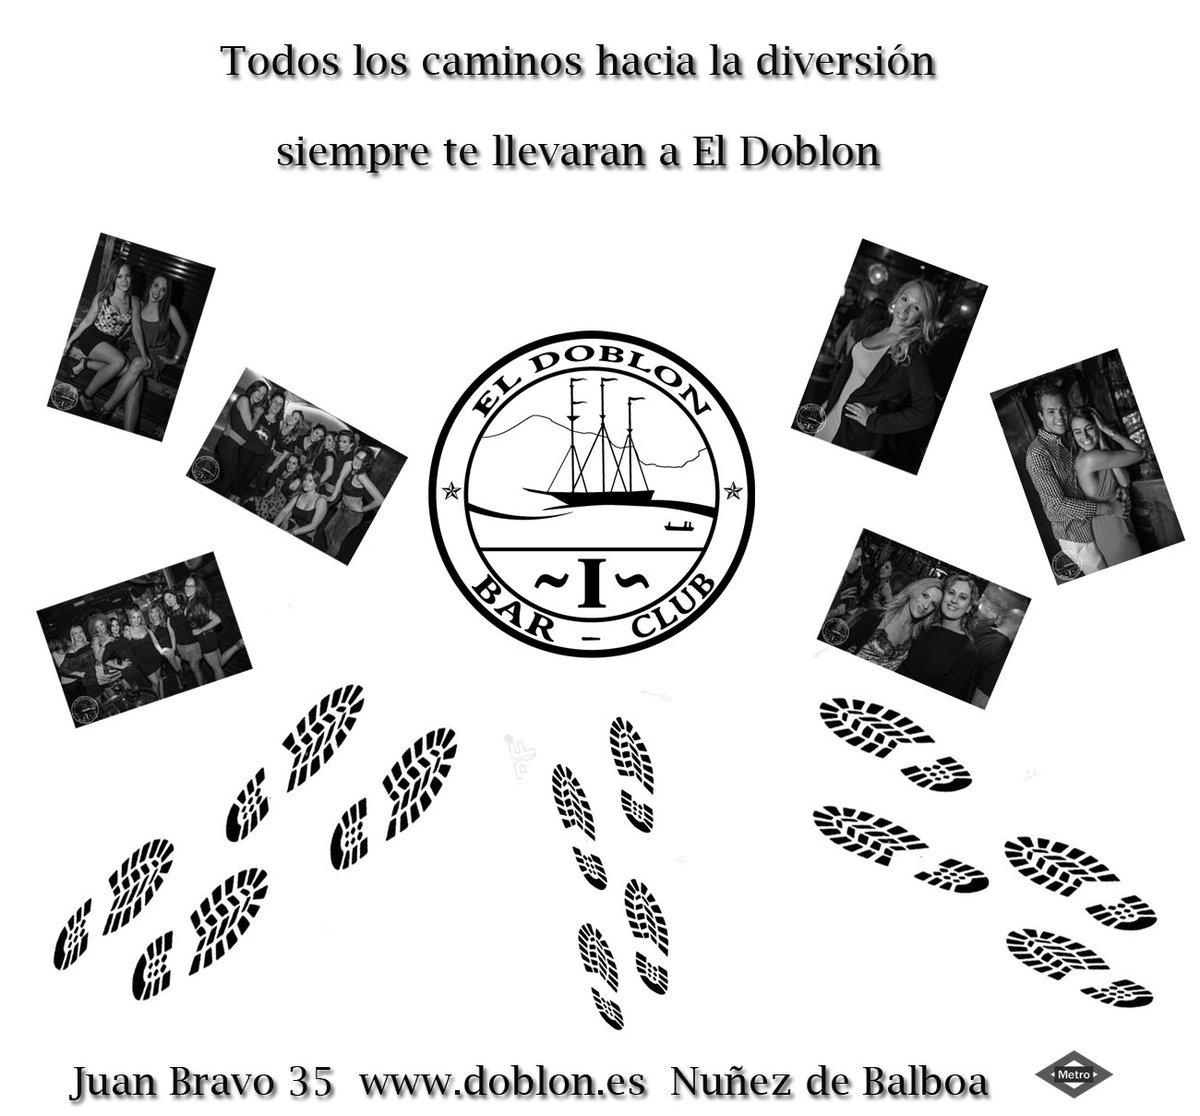 El Doblón (@ElDoblonmadrid).